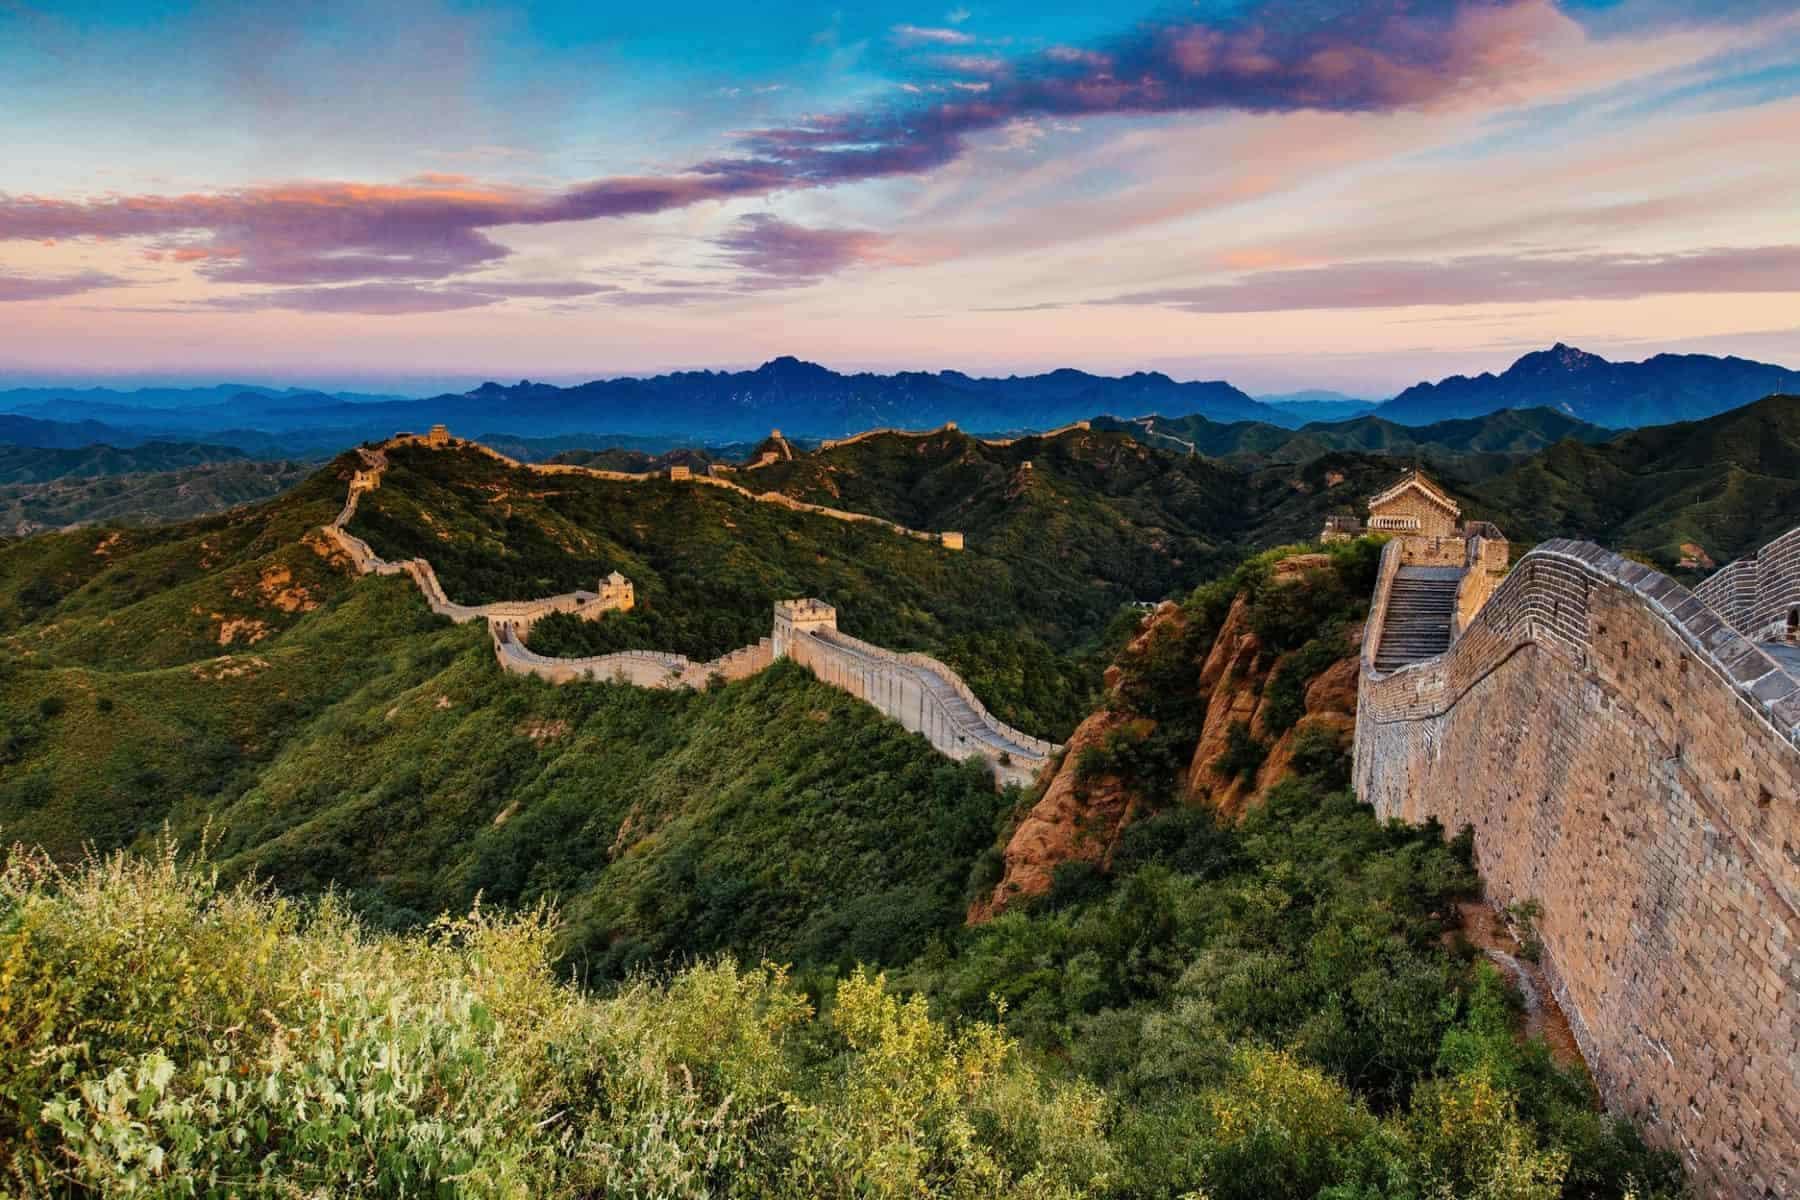 Chinese Wall, China